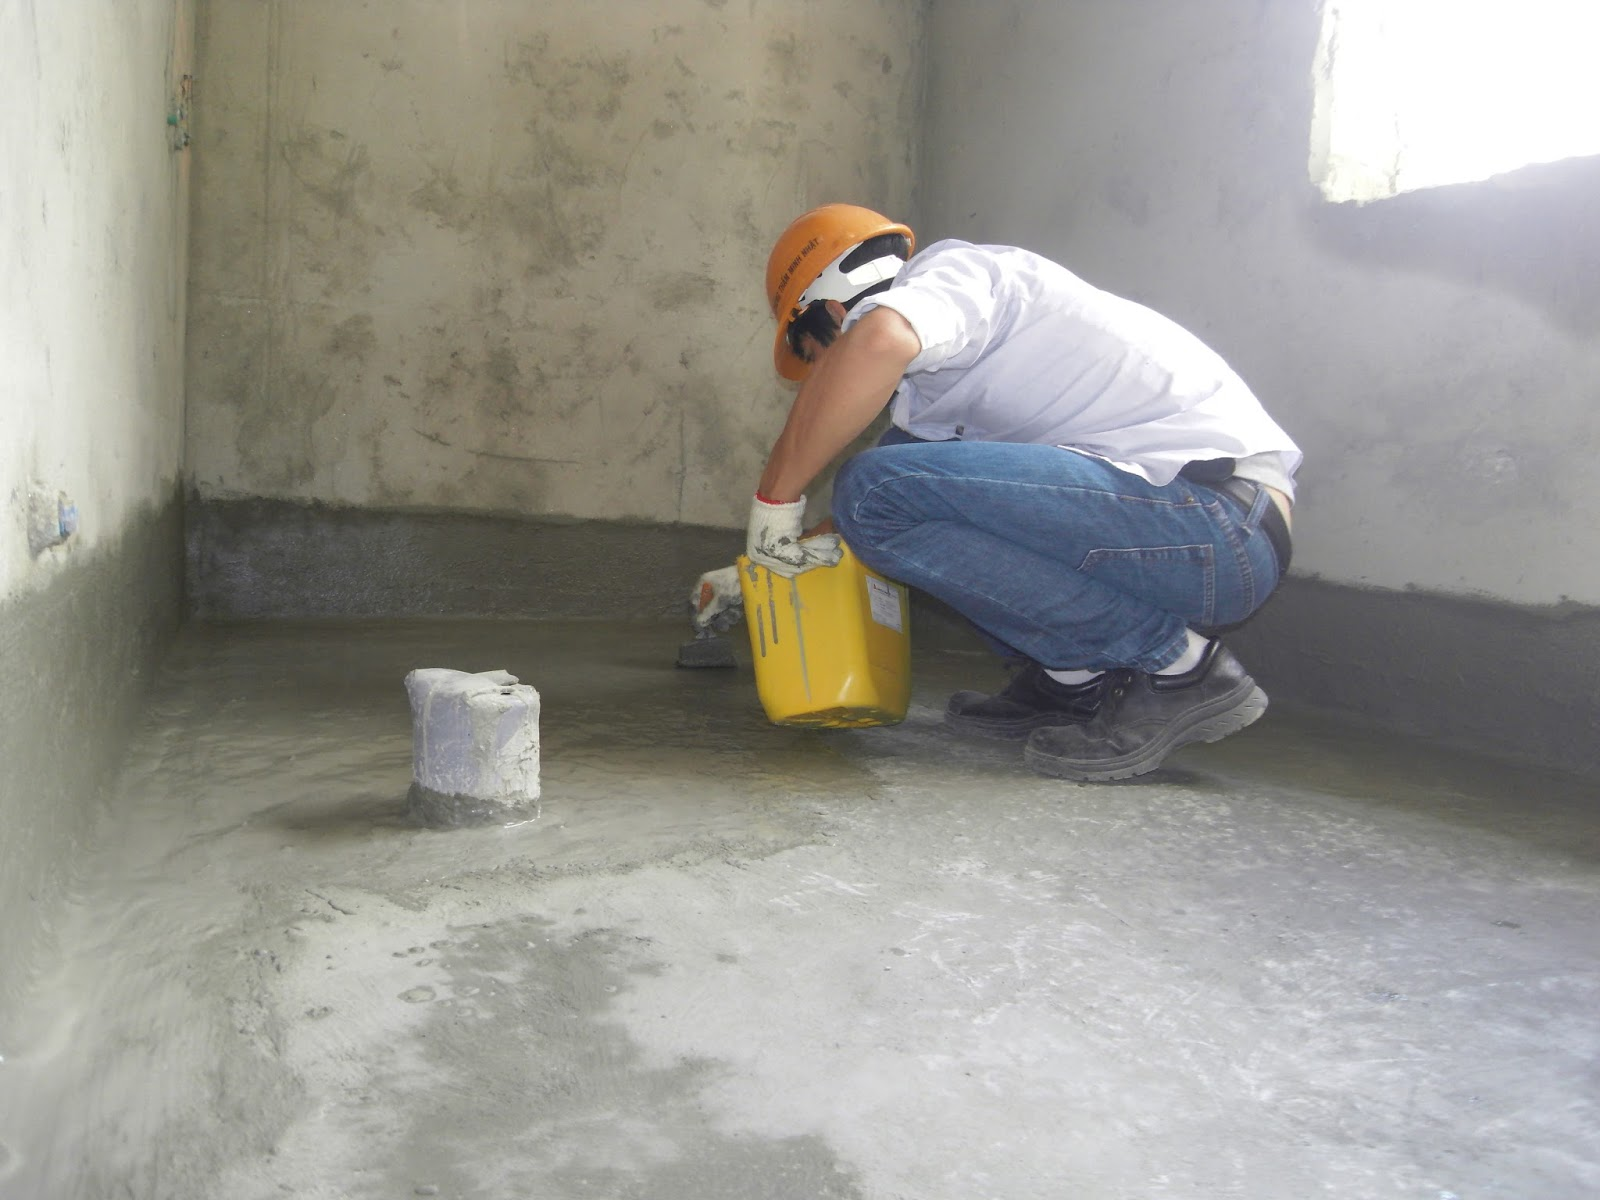 Công ty Hoàng Minh nhận báo giá chống thấm nhà vệ sinh tại quận 12